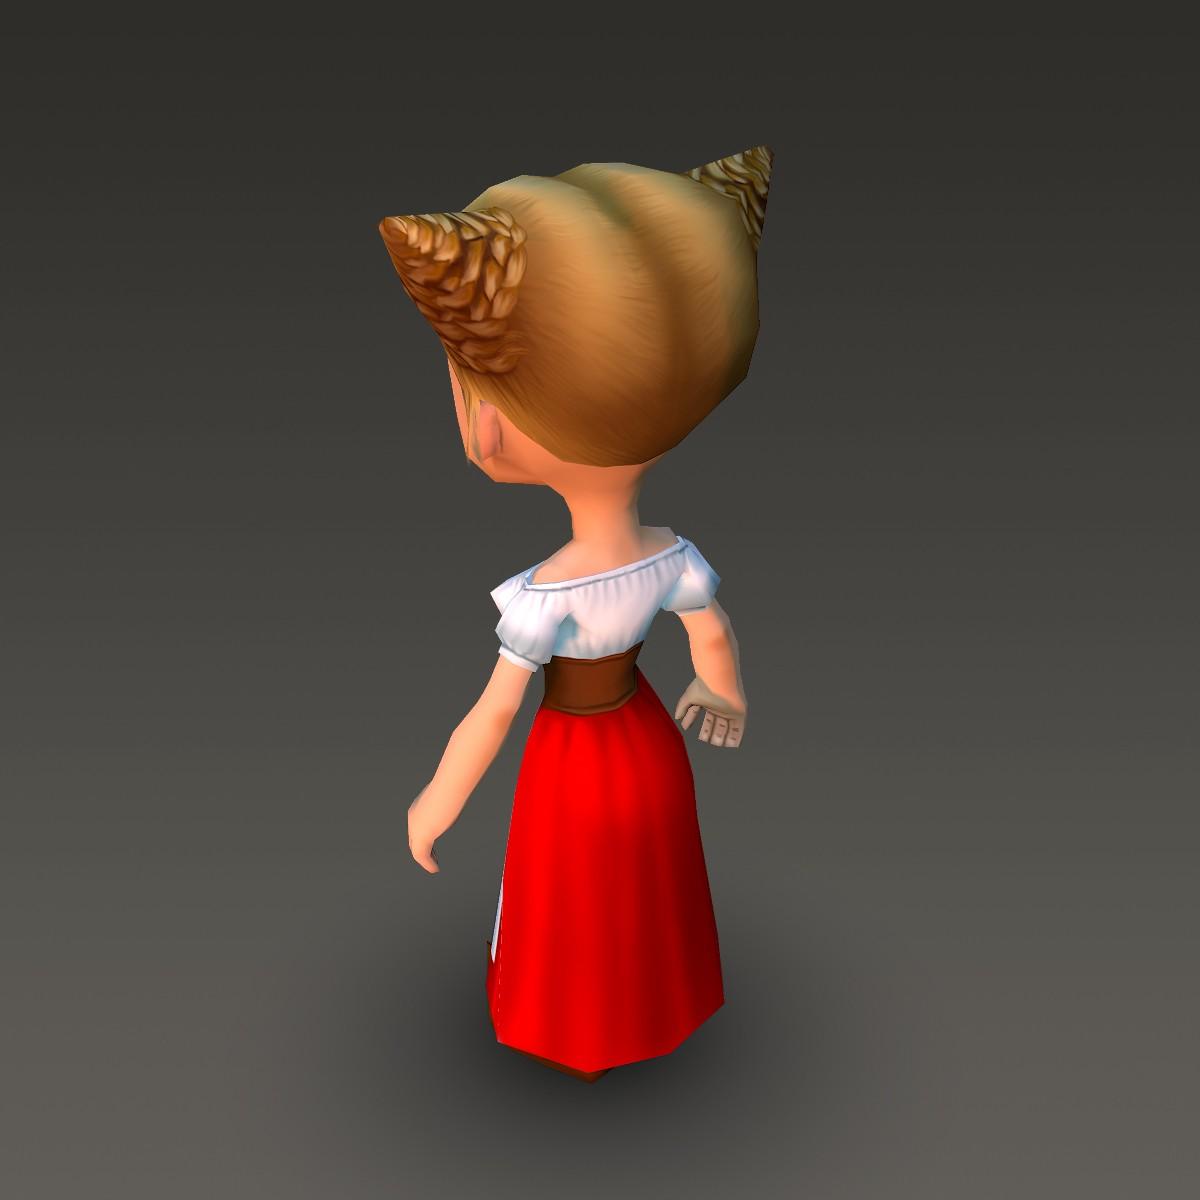 хүүхэлдэйн киноны иргэний эмэгтэй 3d загвар xnUMX